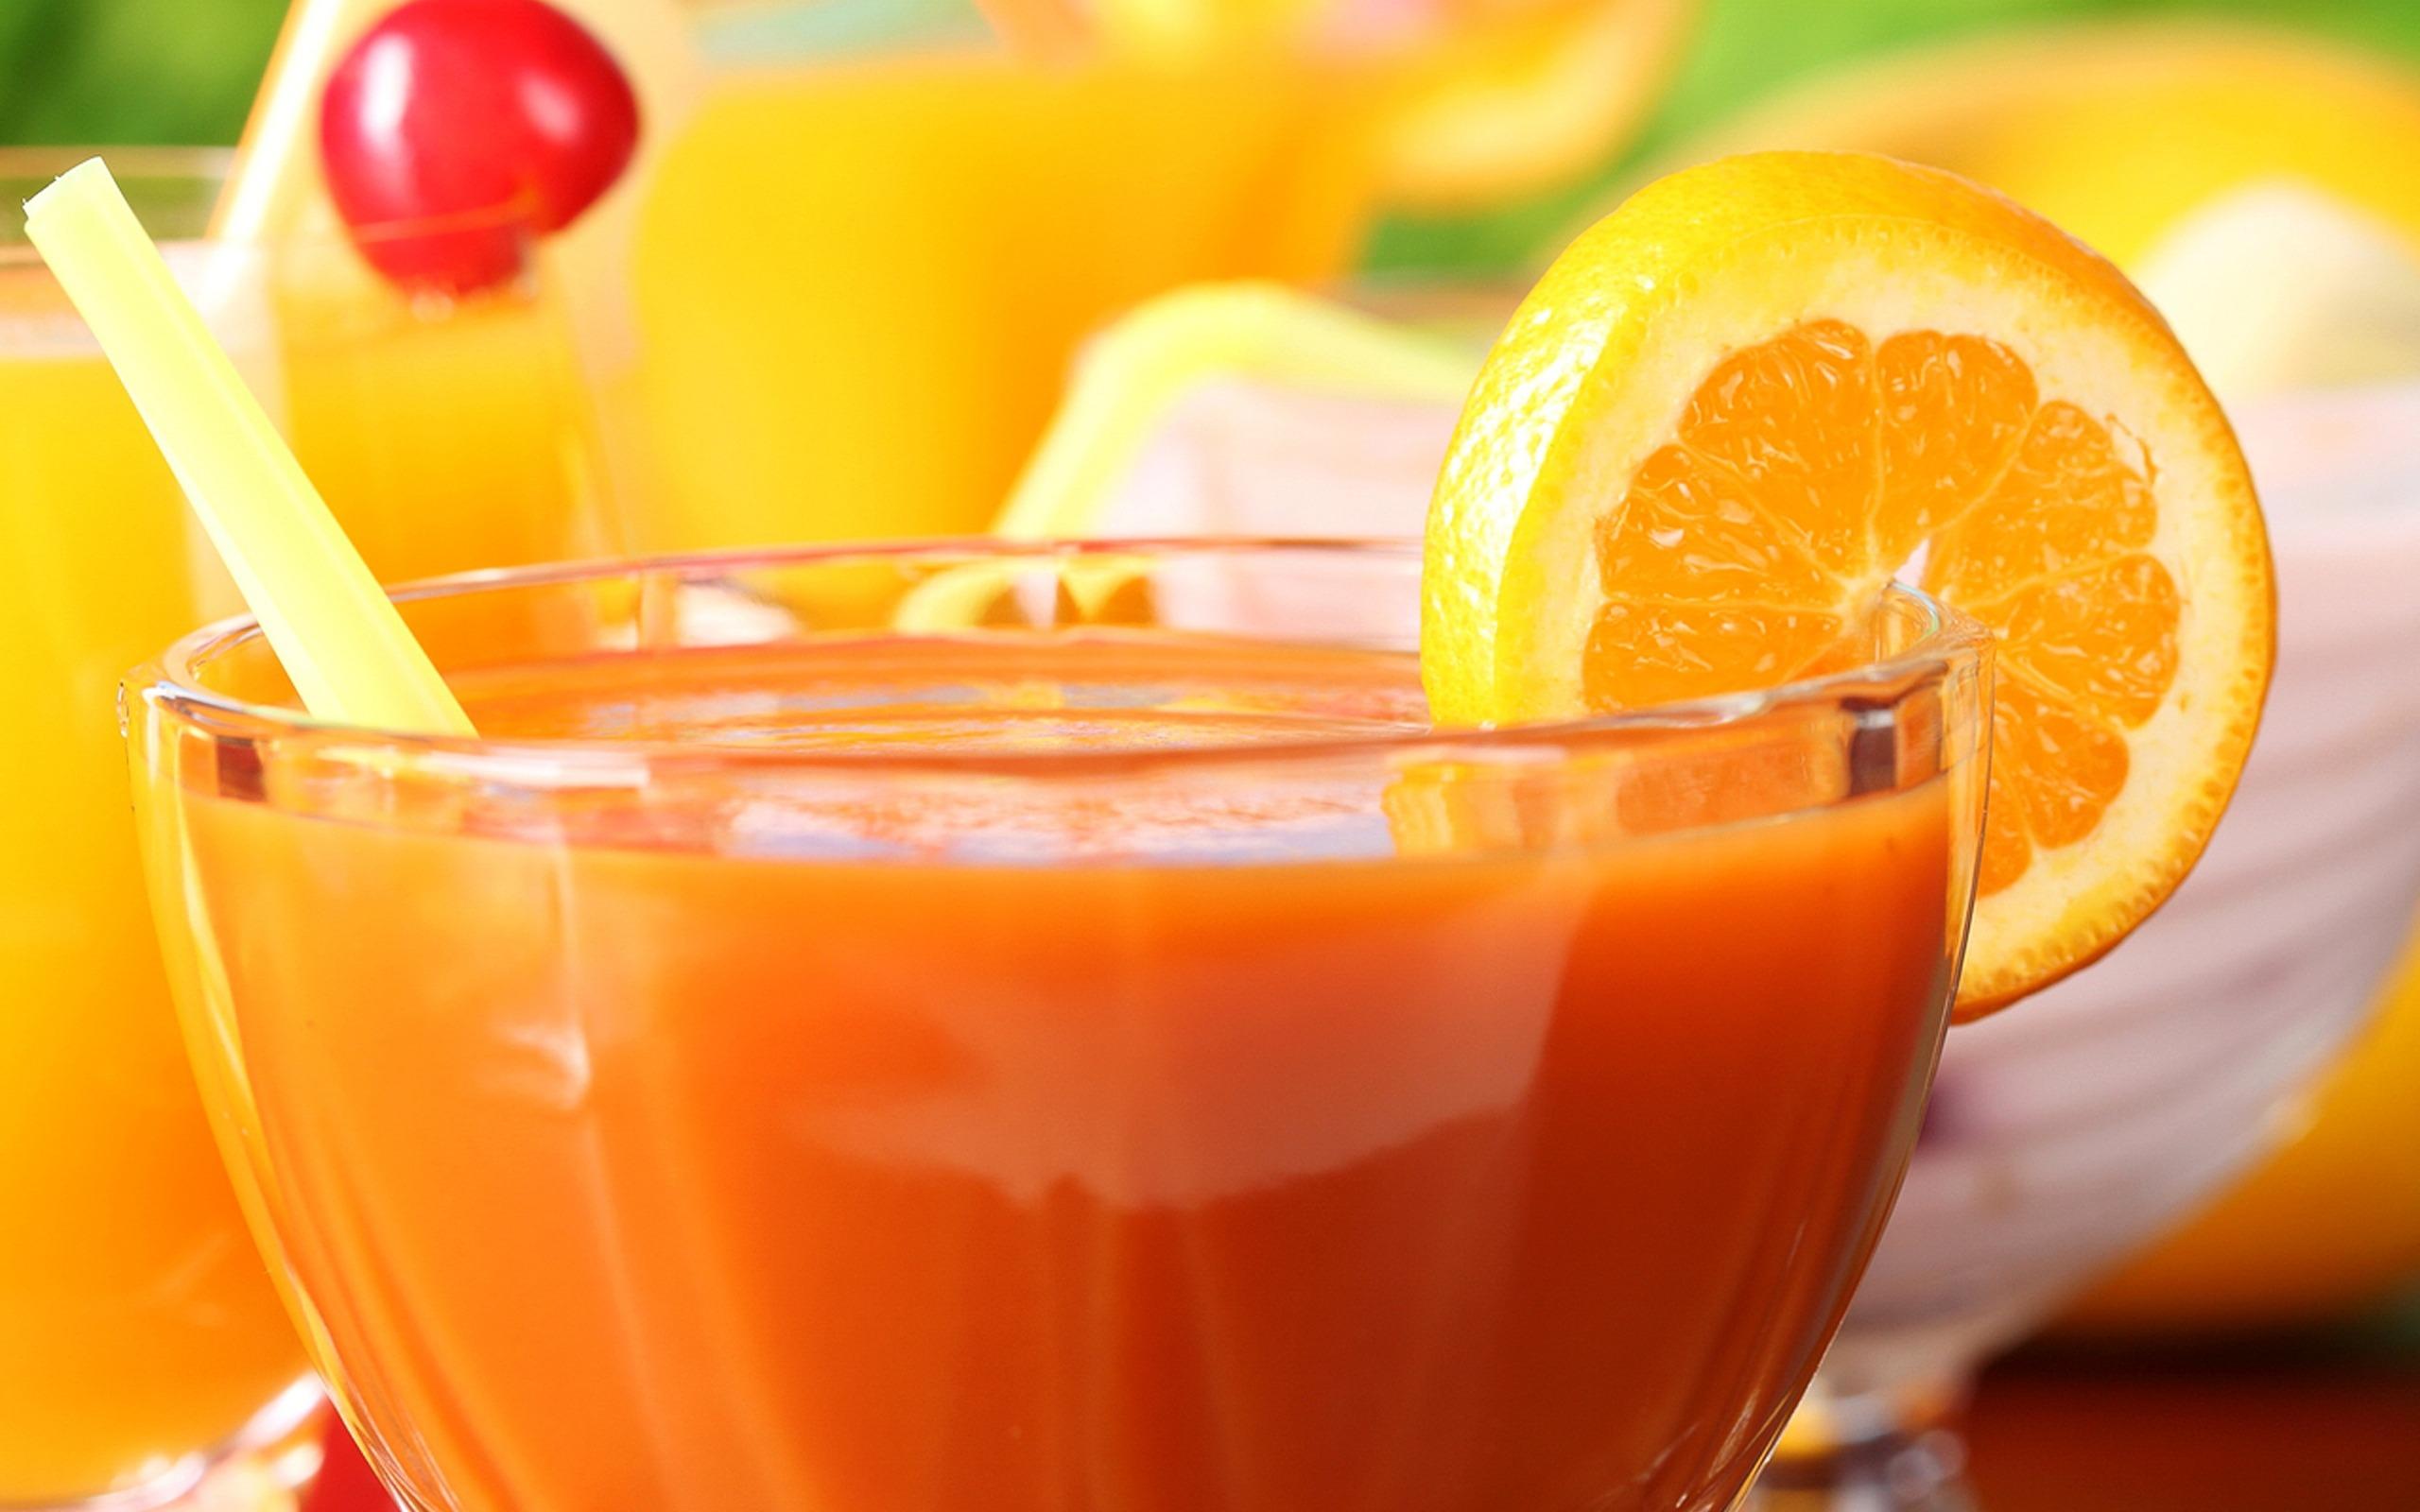 Orange juice fresh